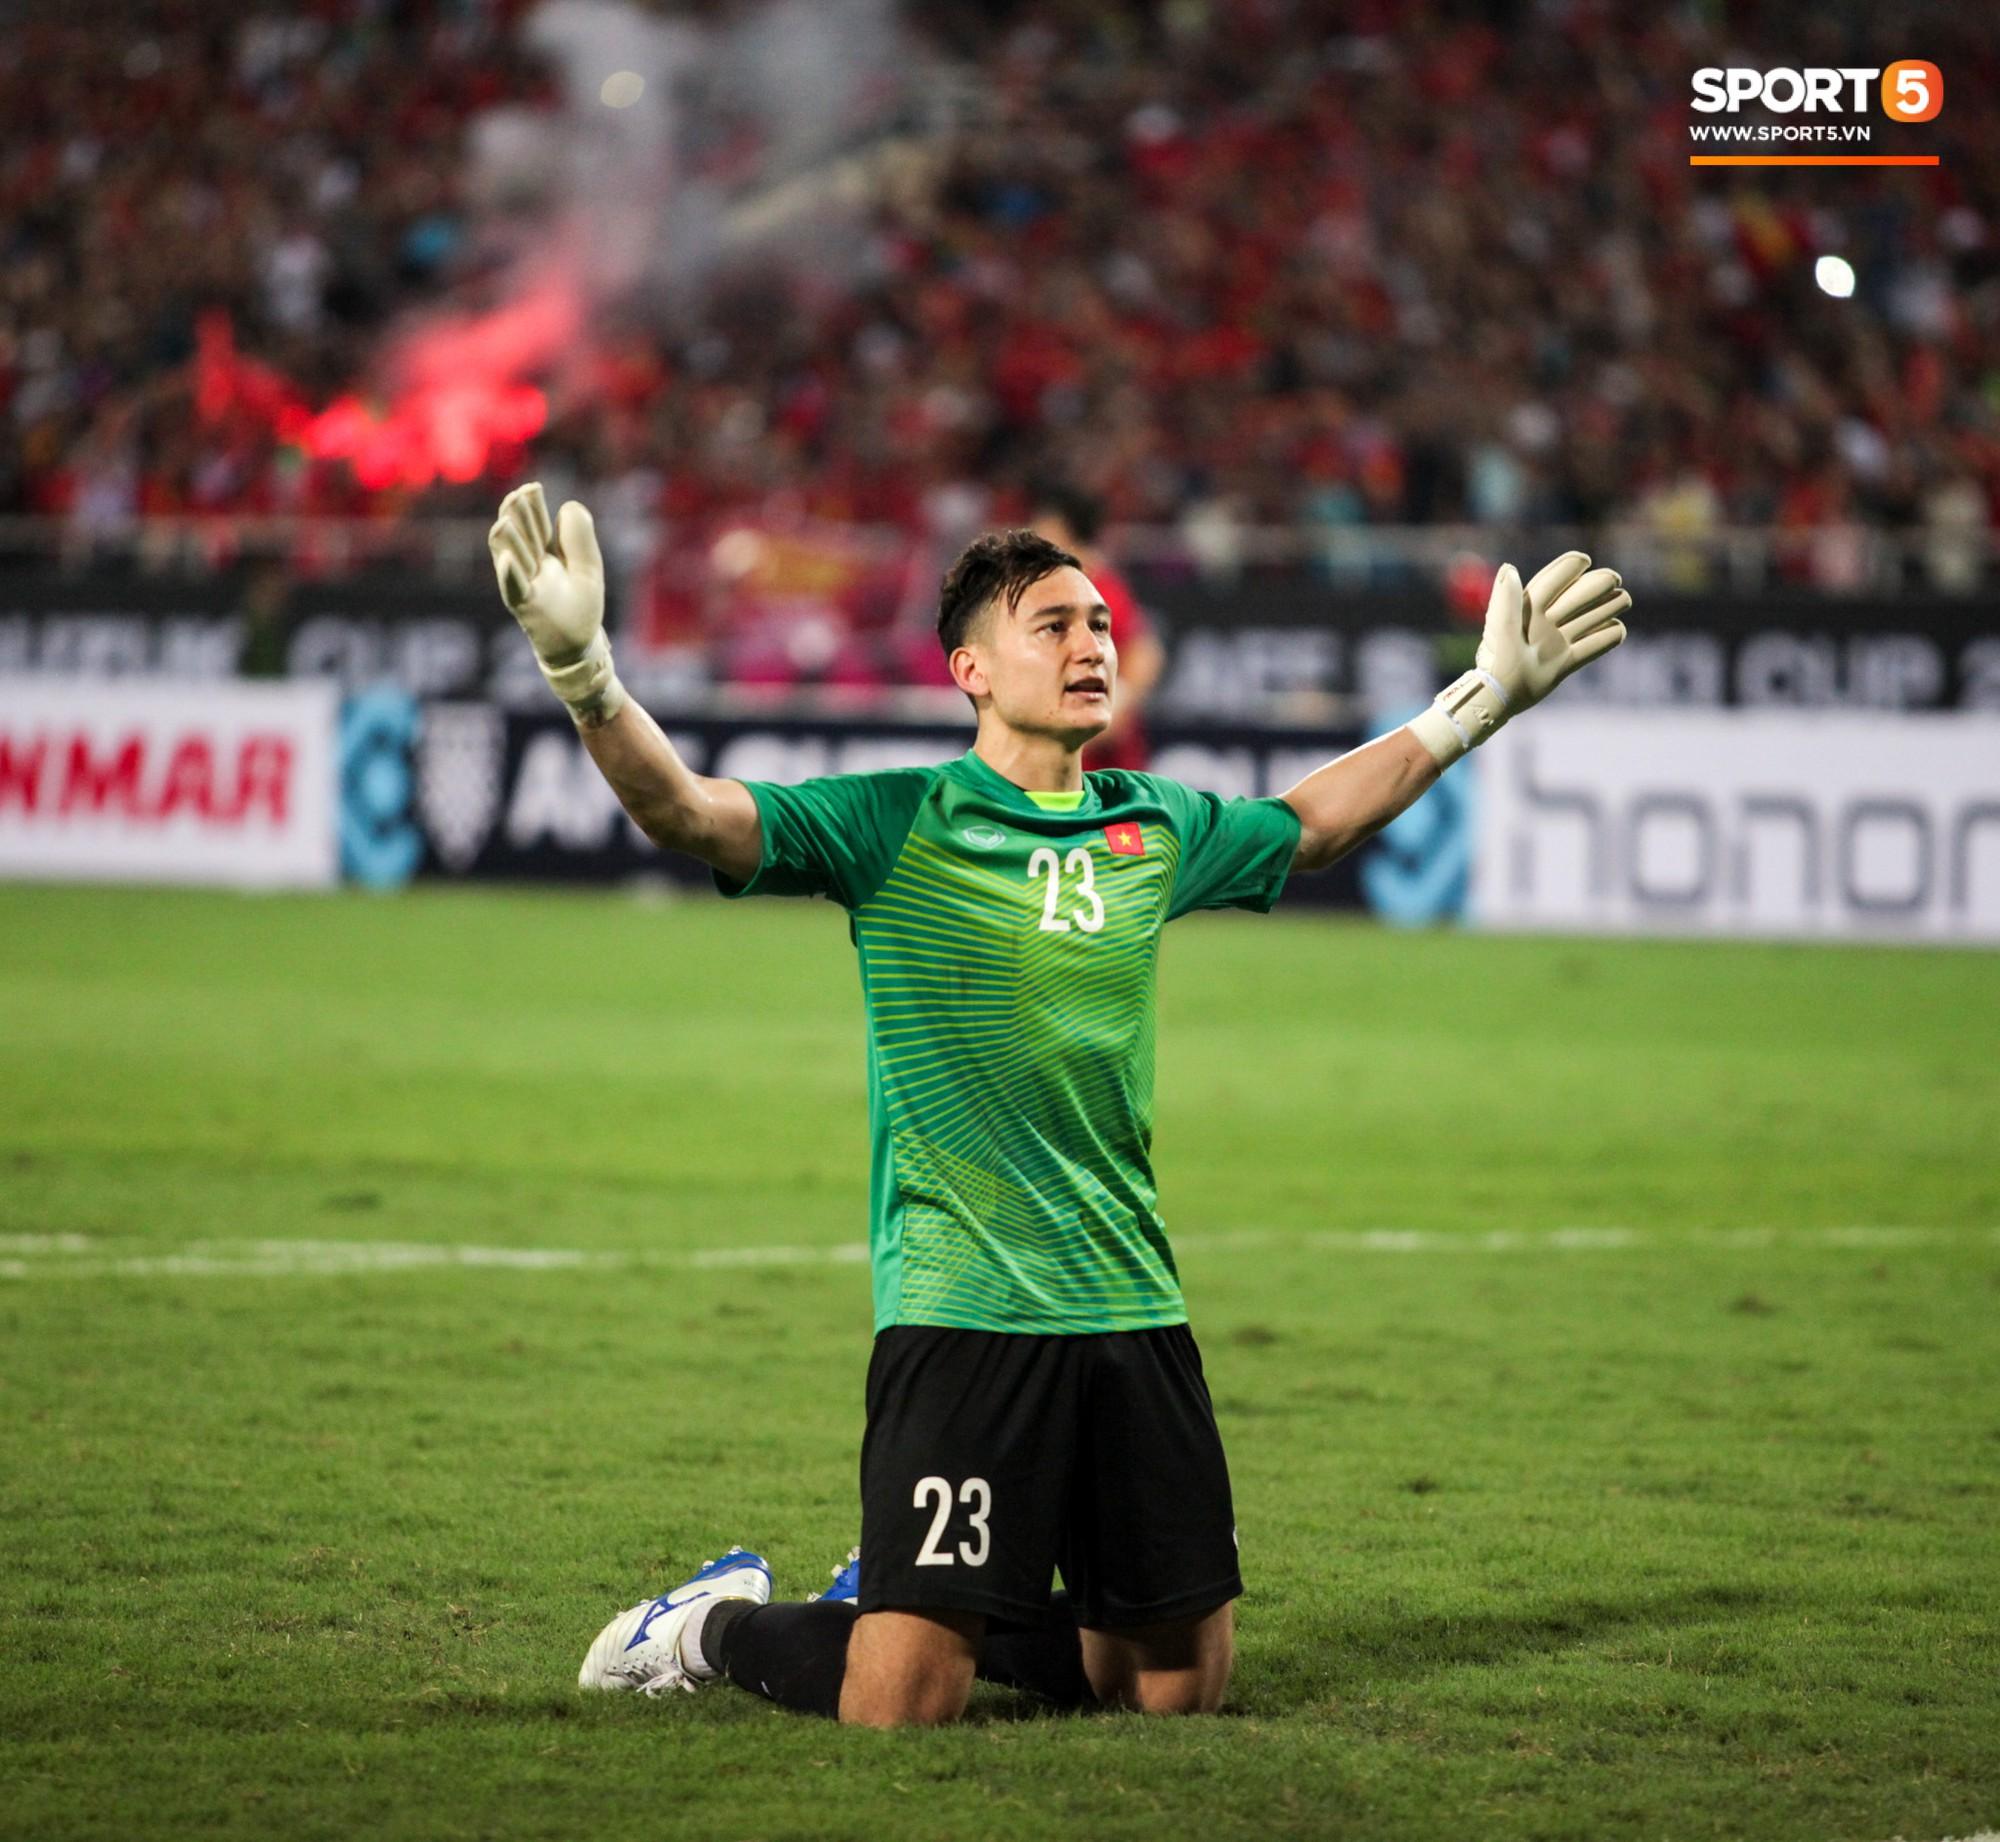 Những Nghi Thức Cầu May Của Đội Tuyển Việt Nam Tại Aff Cup 2018 - Ảnh